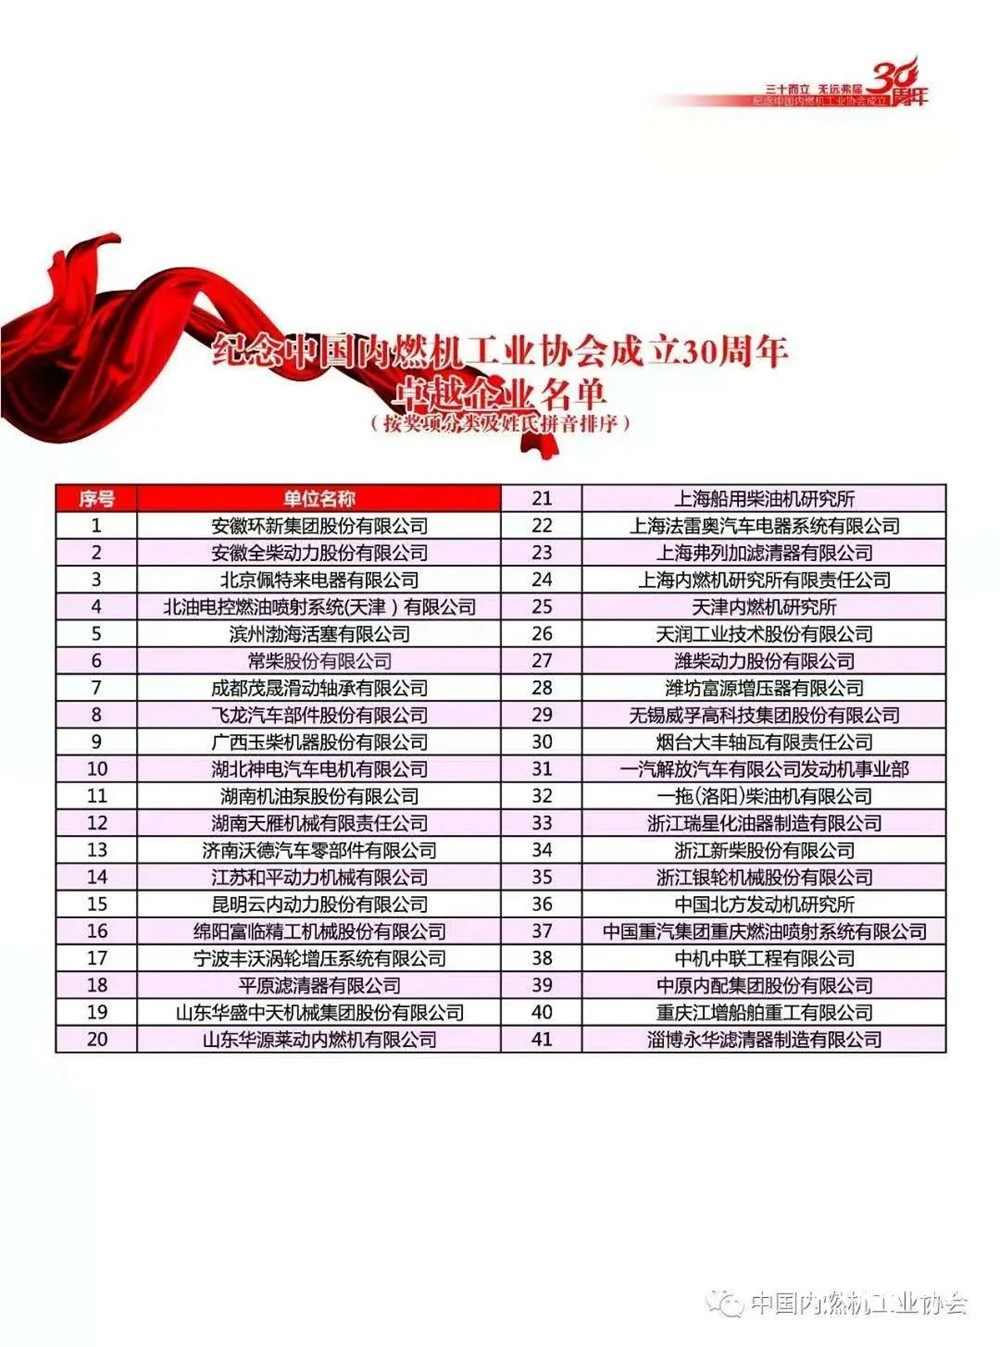 """渤海活塞荣获中内协30周年""""卓越企业"""" 林风华董事长荣获""""卓越企业家"""""""